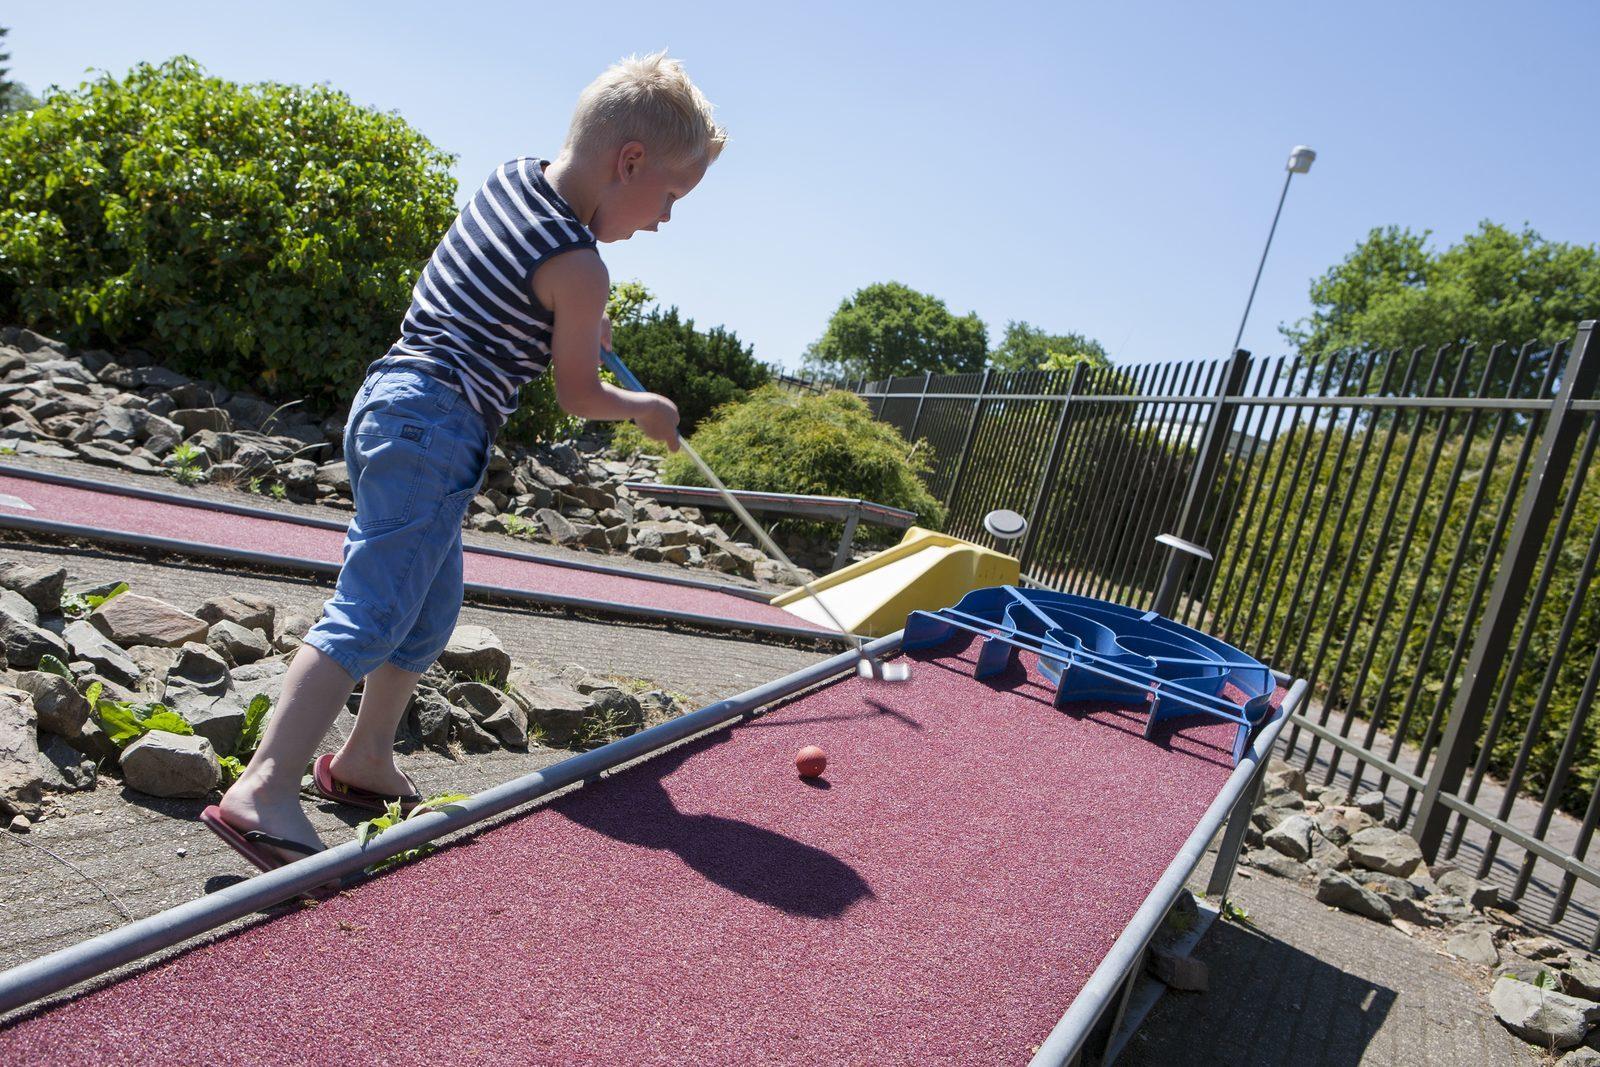 Miniature golf at Recreatiepark De Boshoek